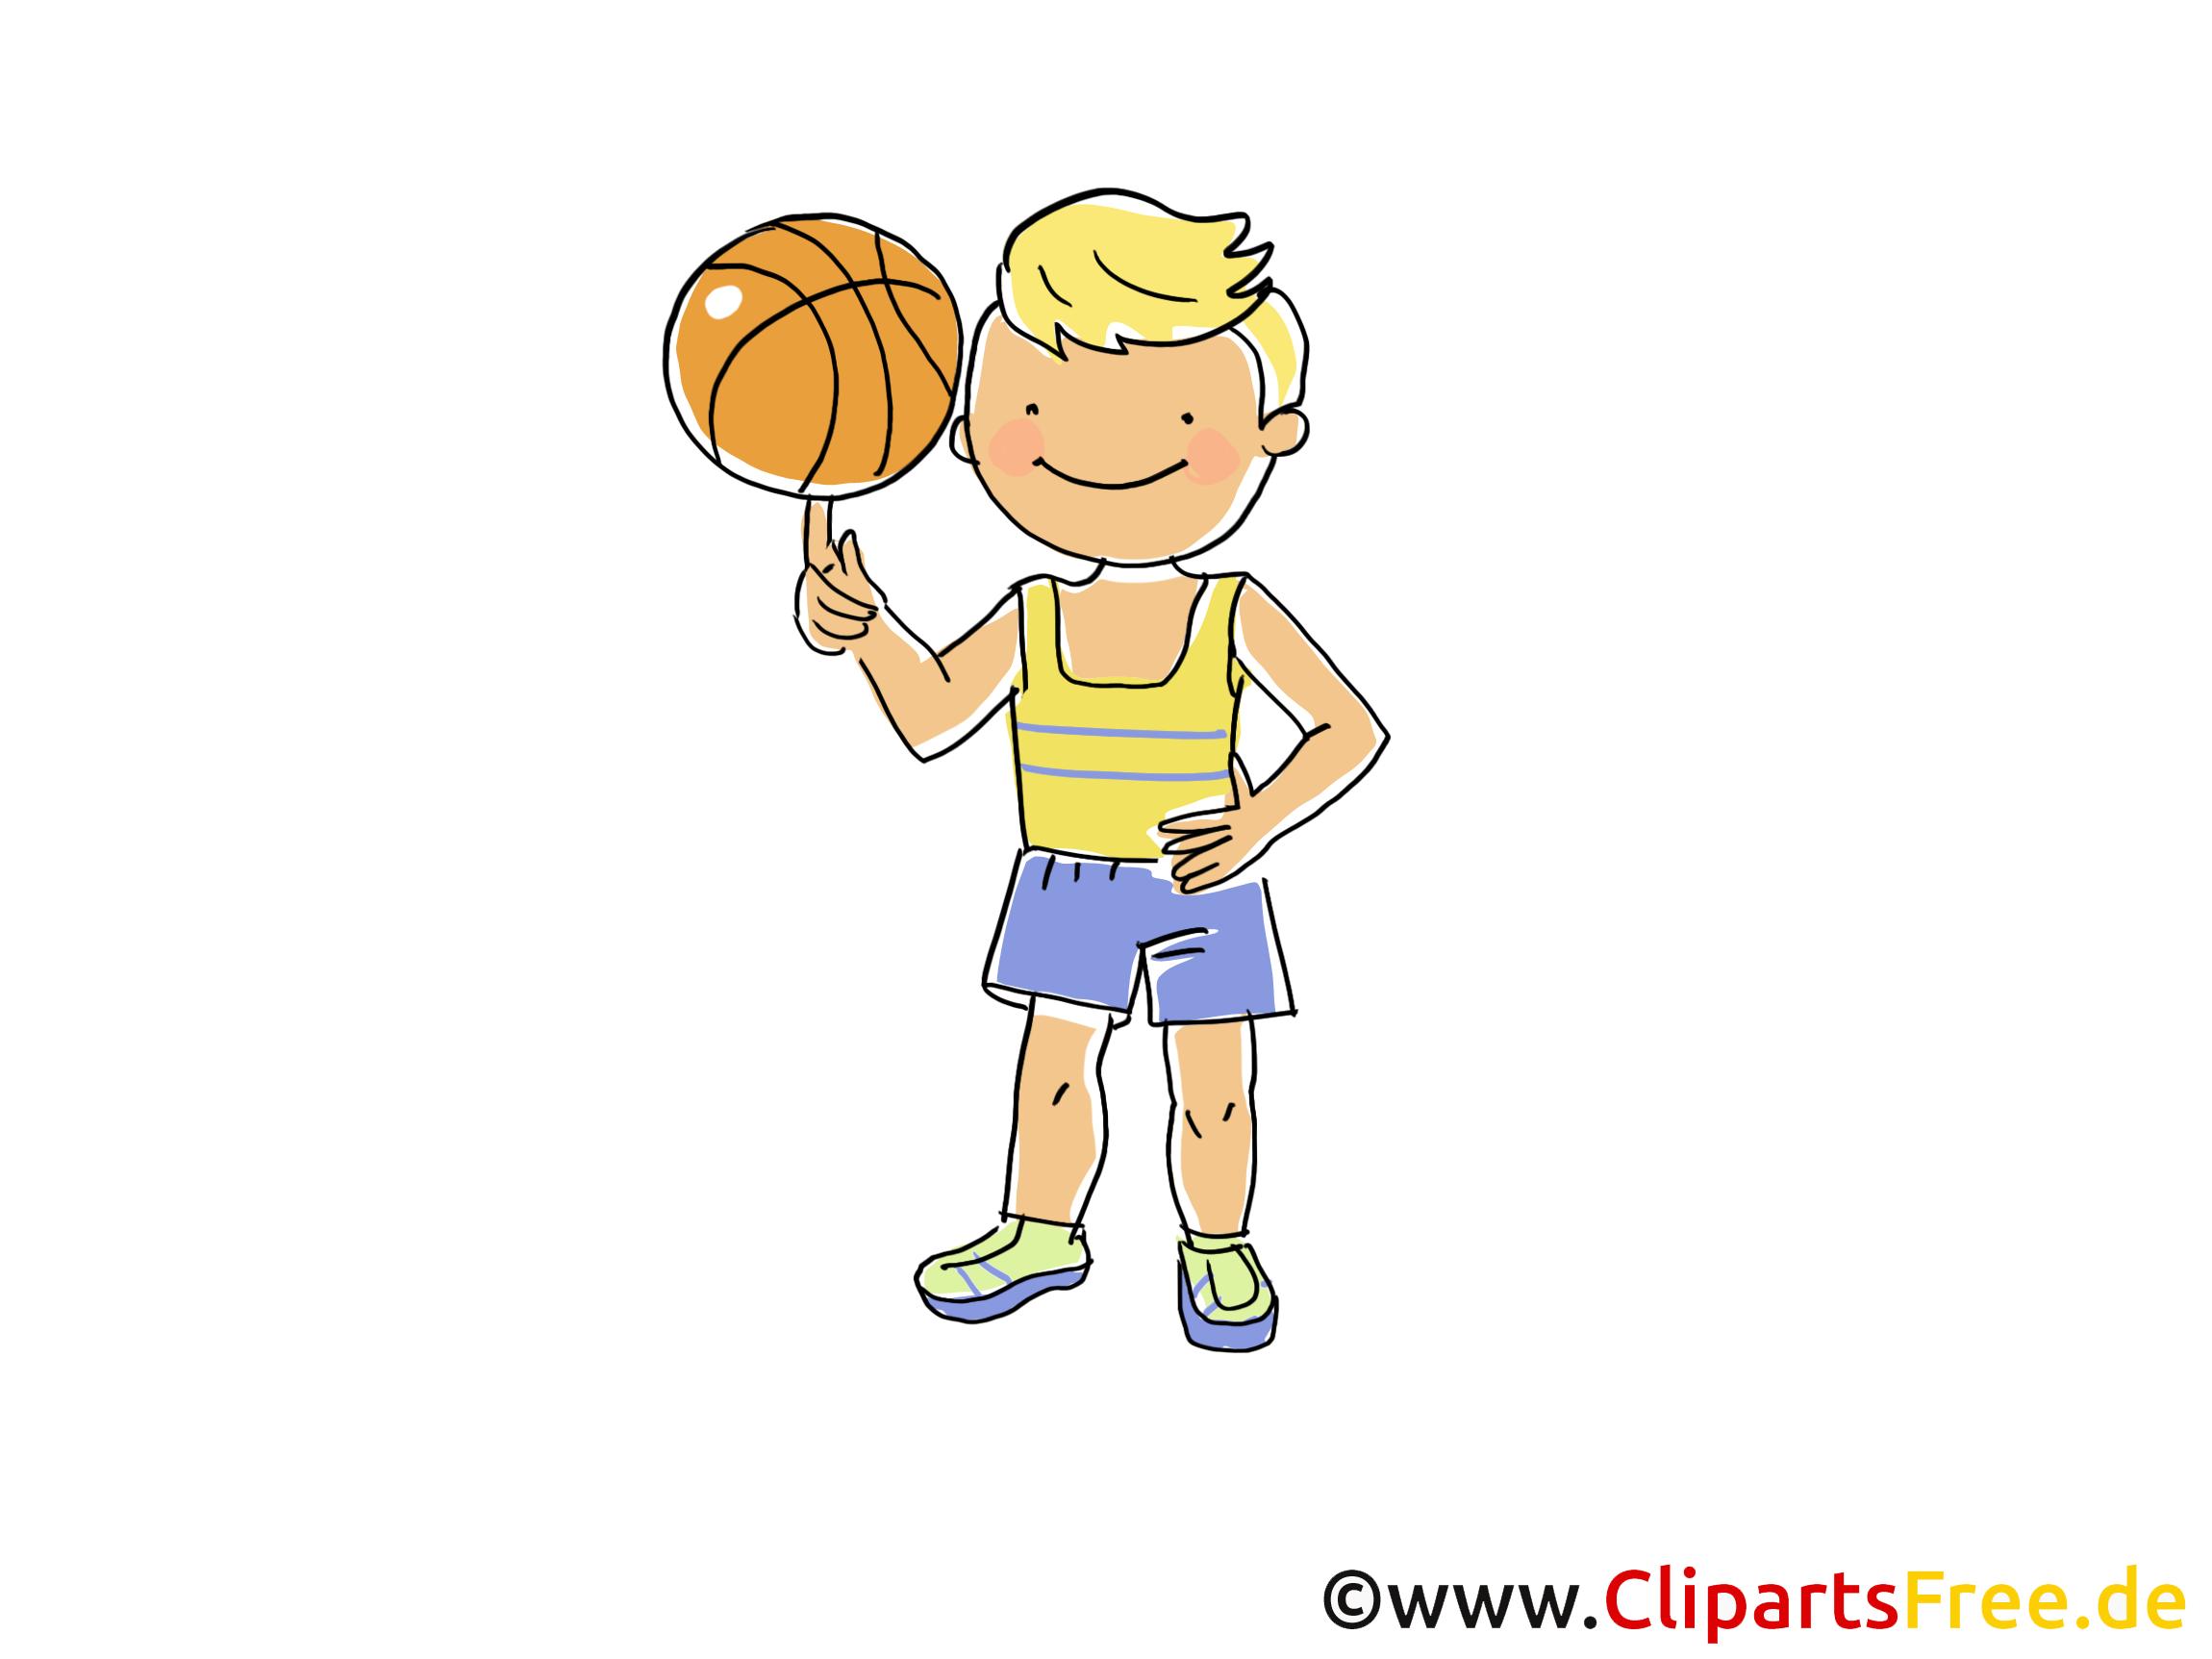 basketball spieler bild cliparts sport comic cartoon